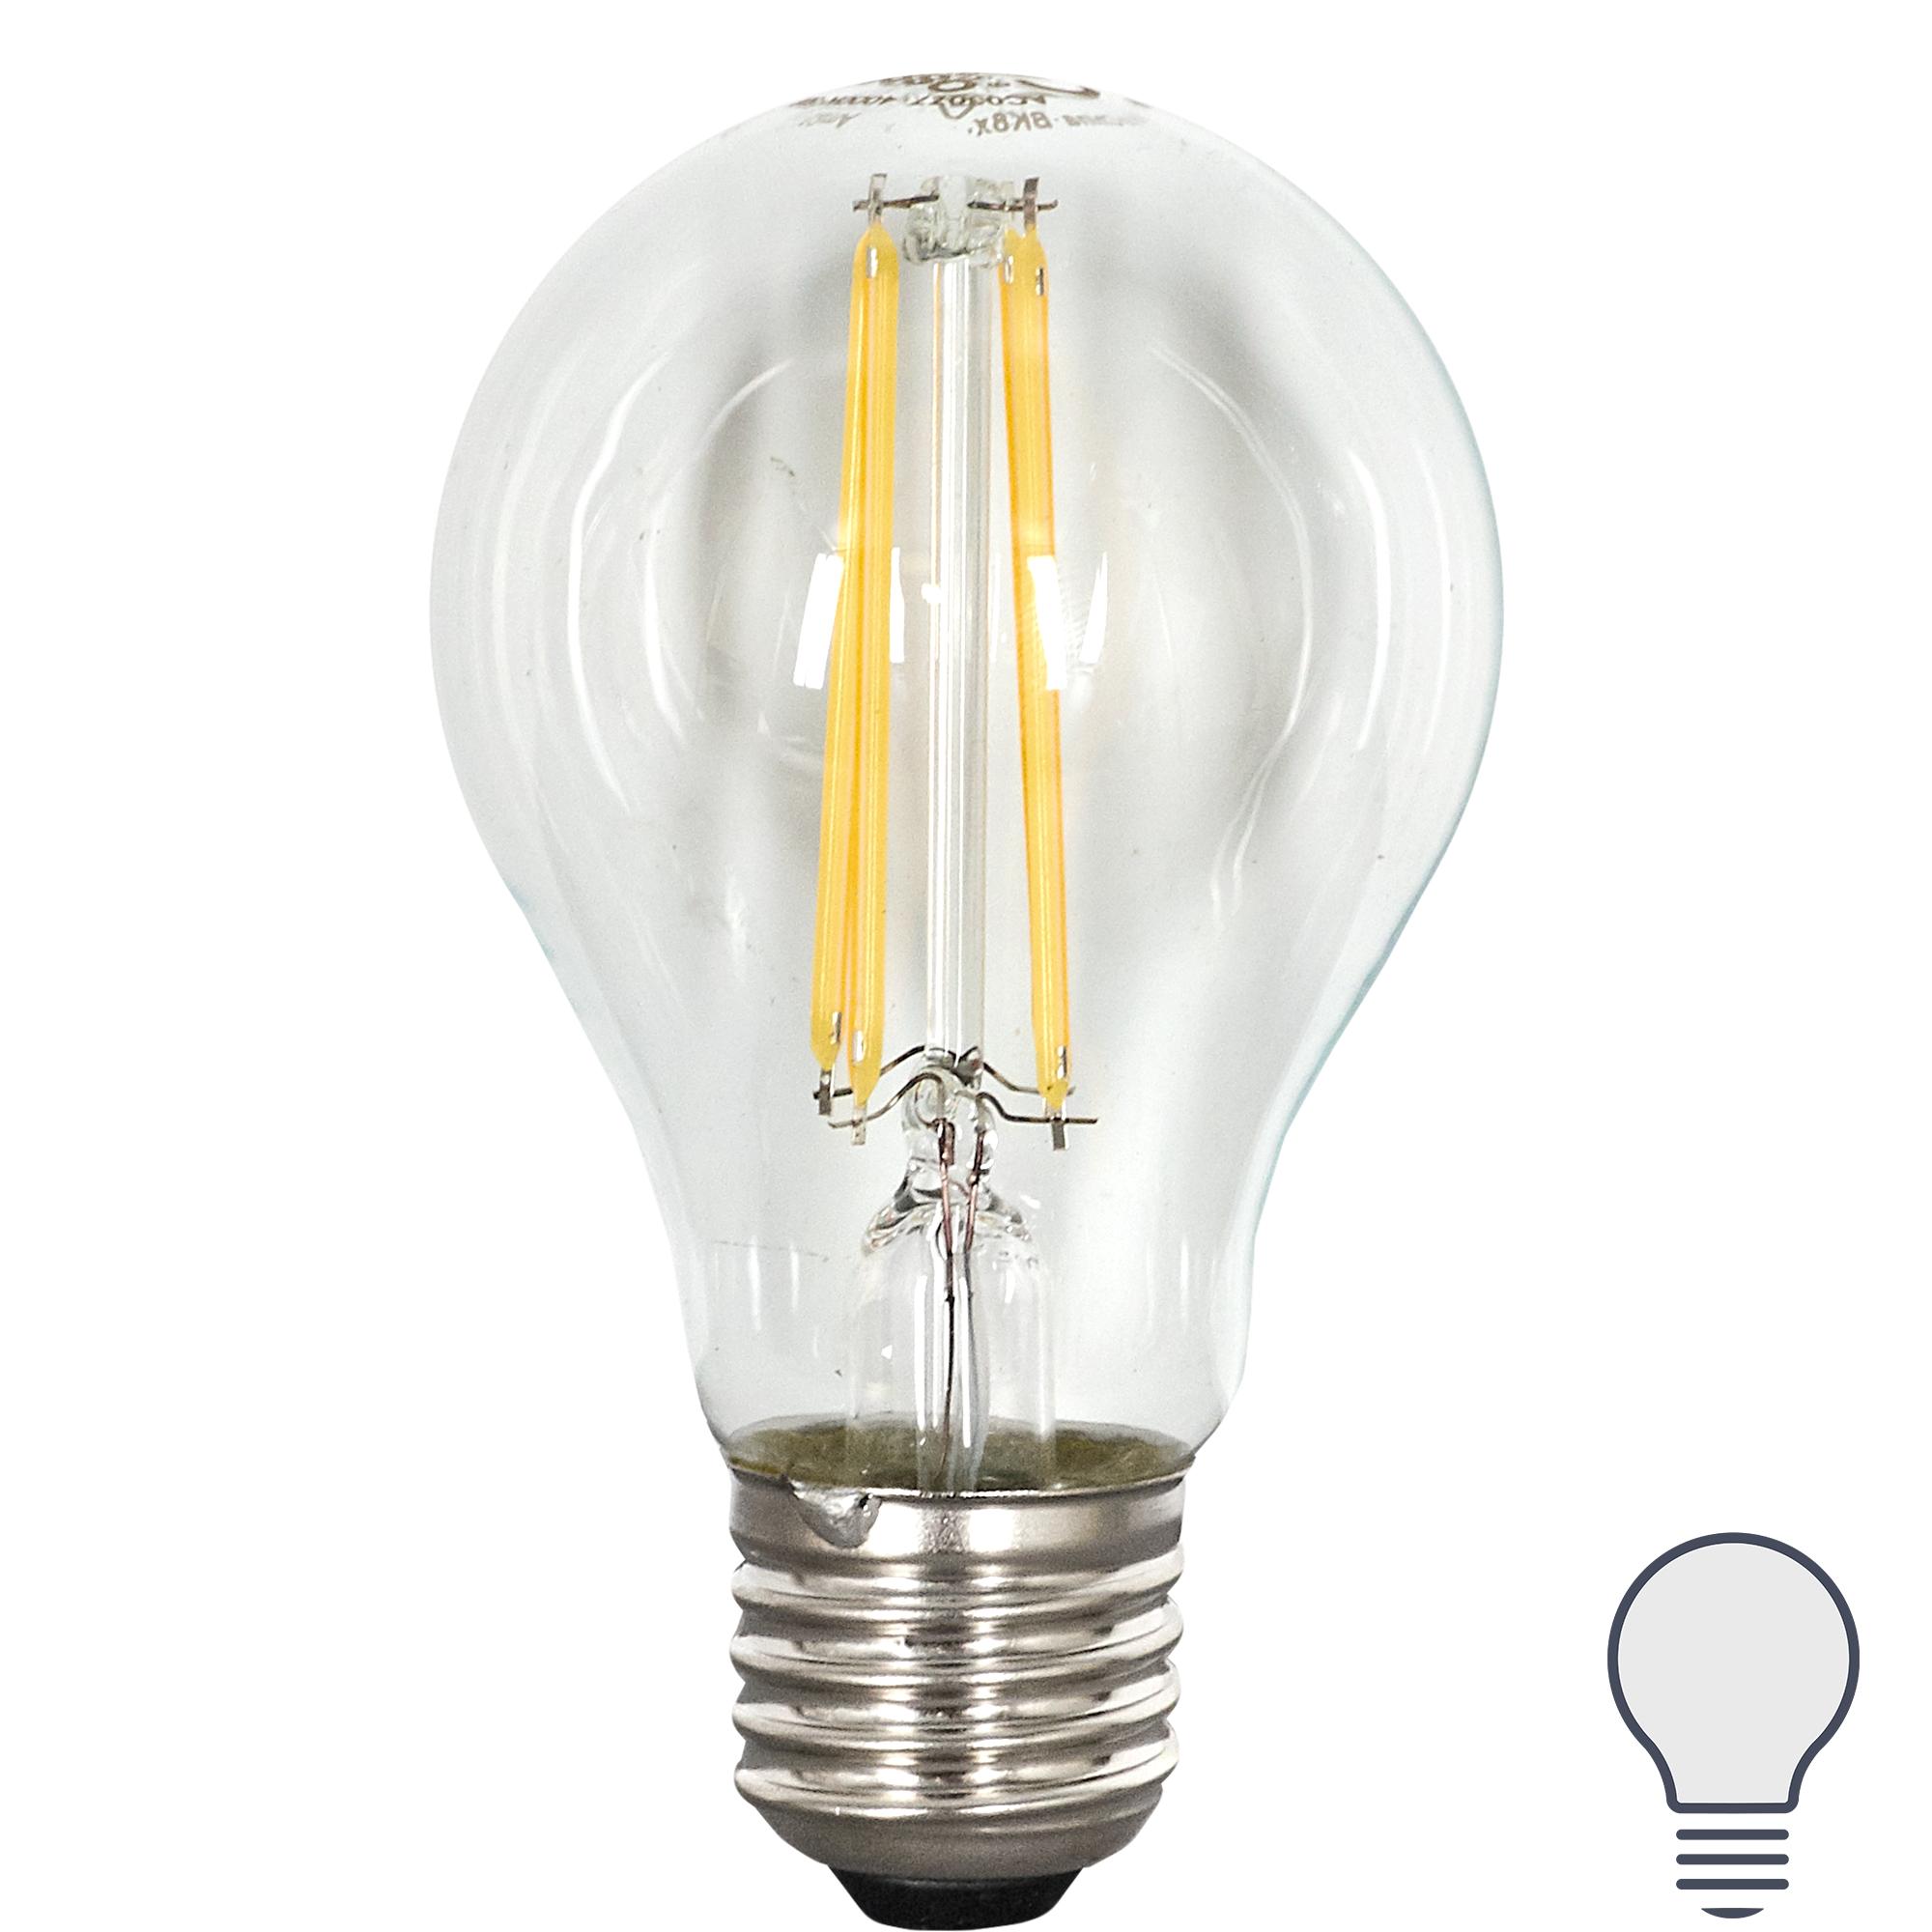 Лампа светодиодная Osram E27 220 В 7 Вт груша прозрачная 806 лм белый свет